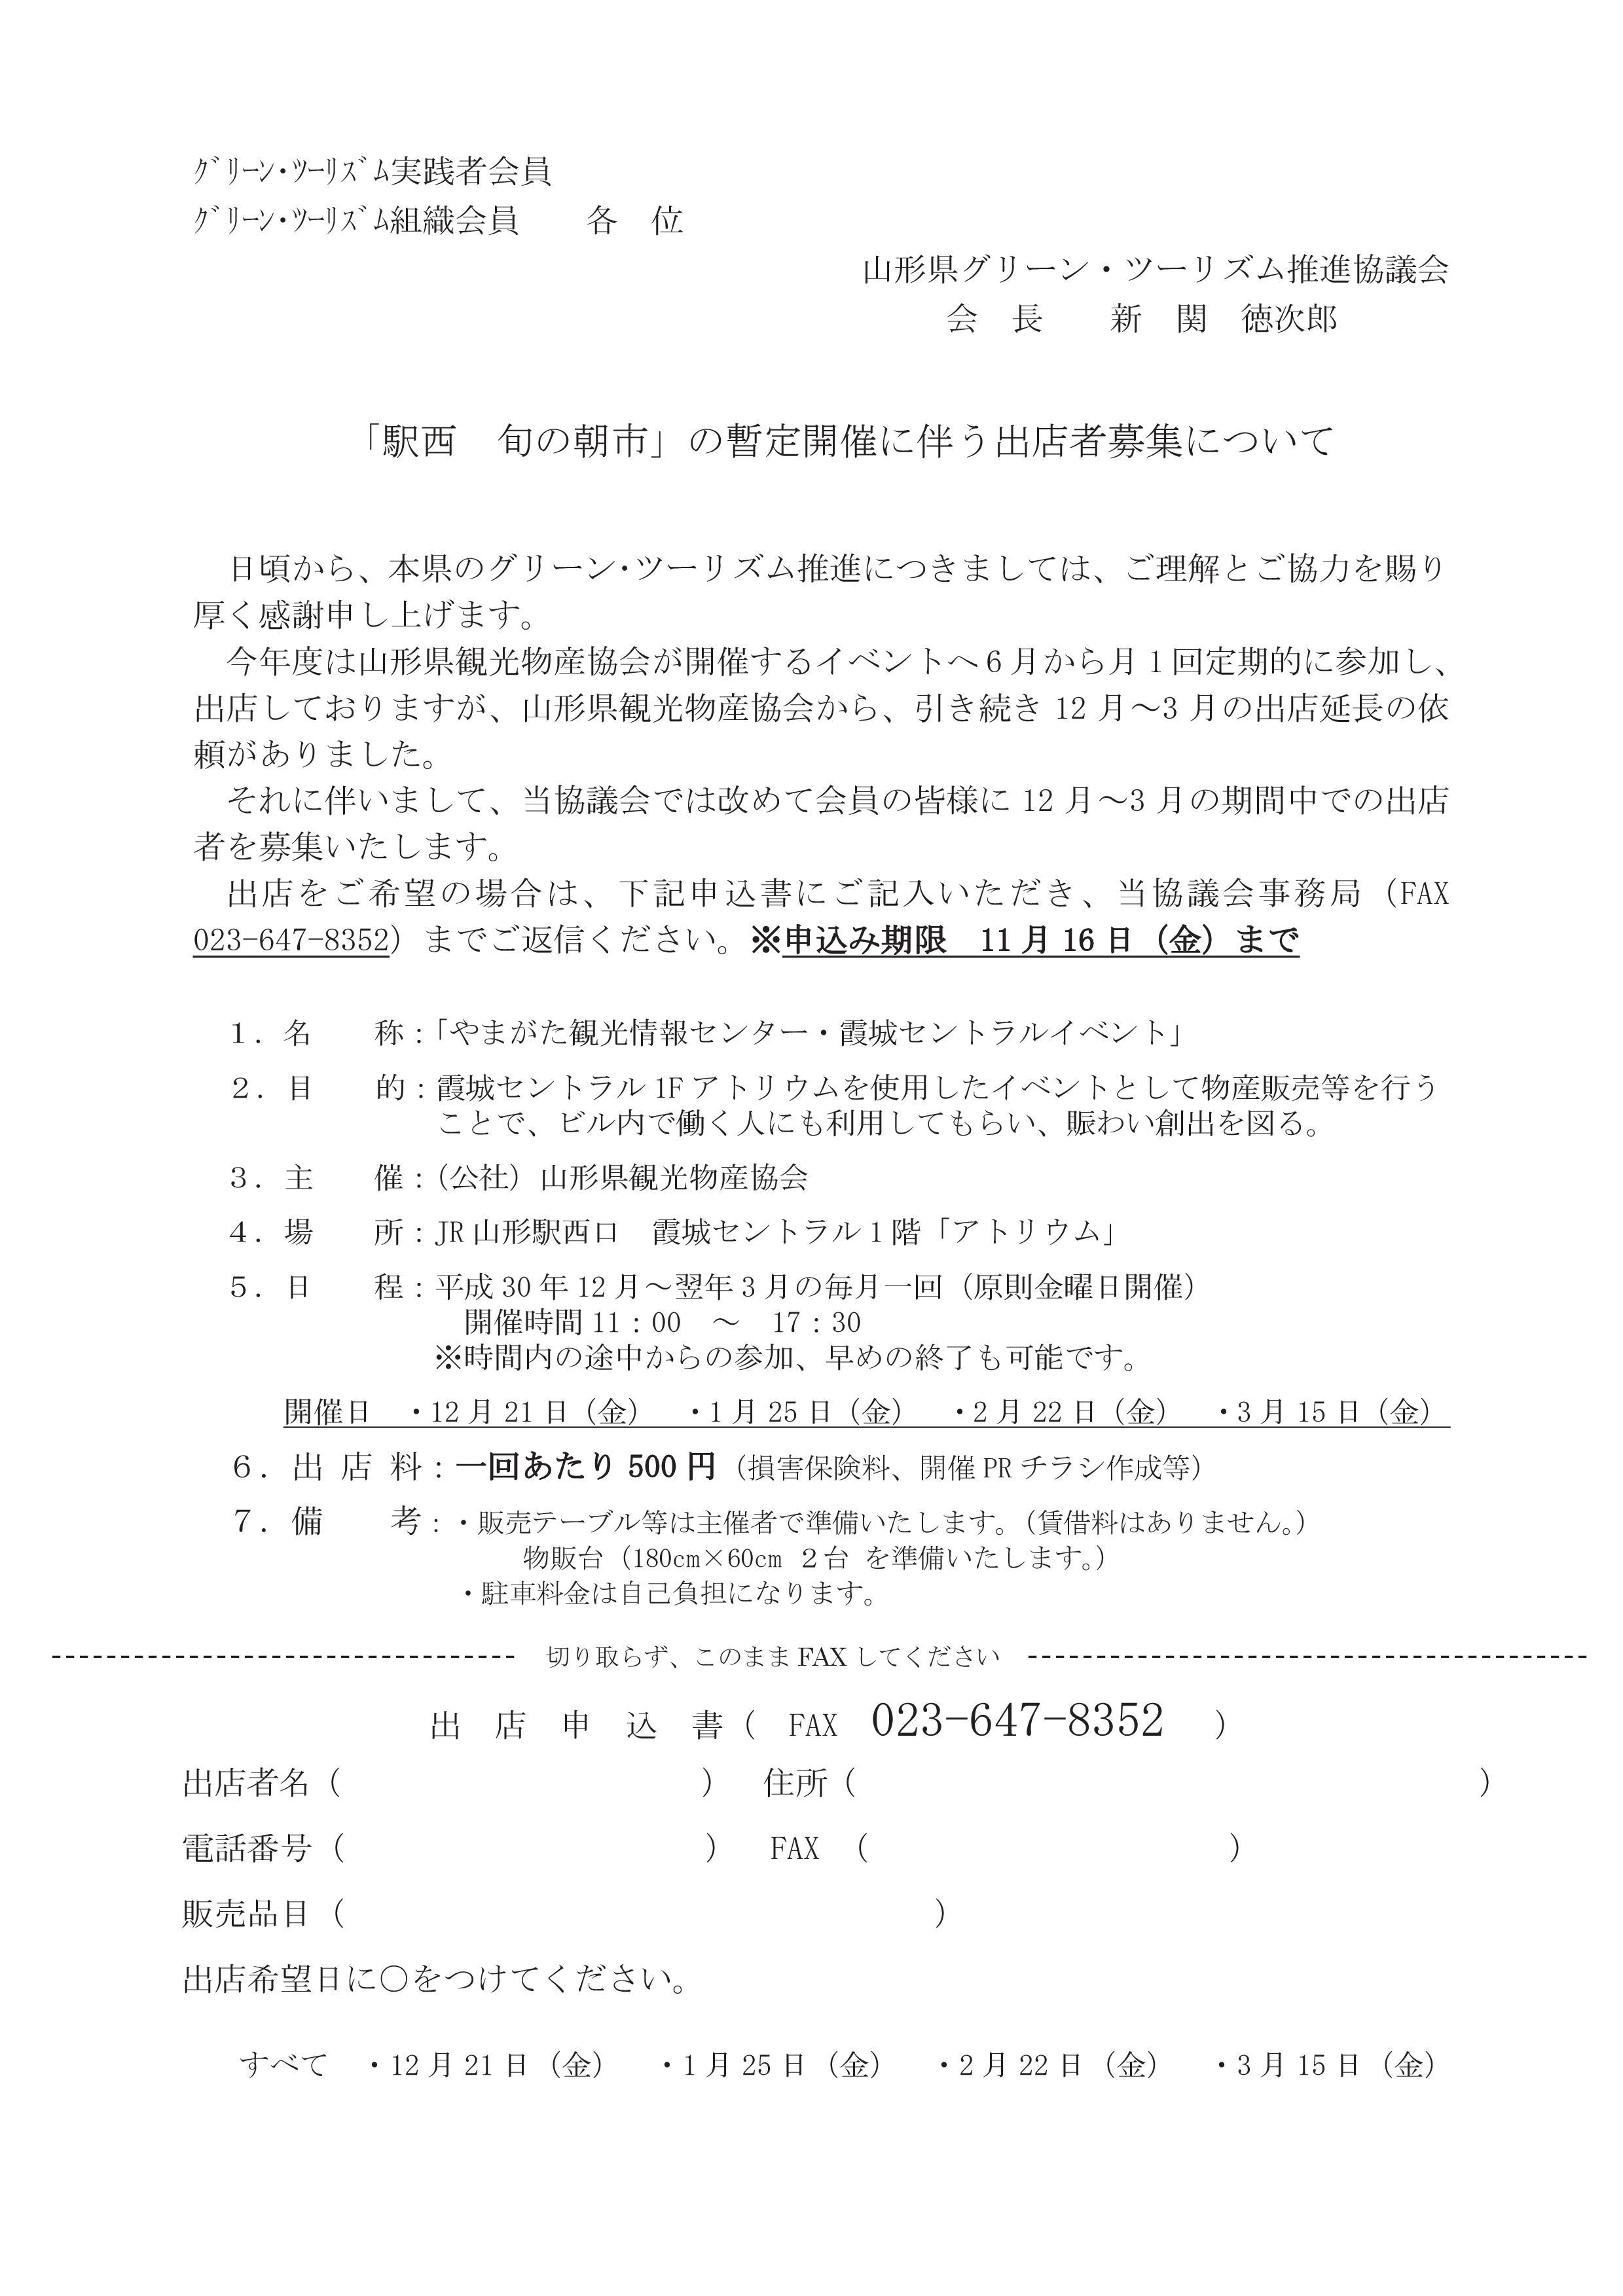 20161016-03.jpg